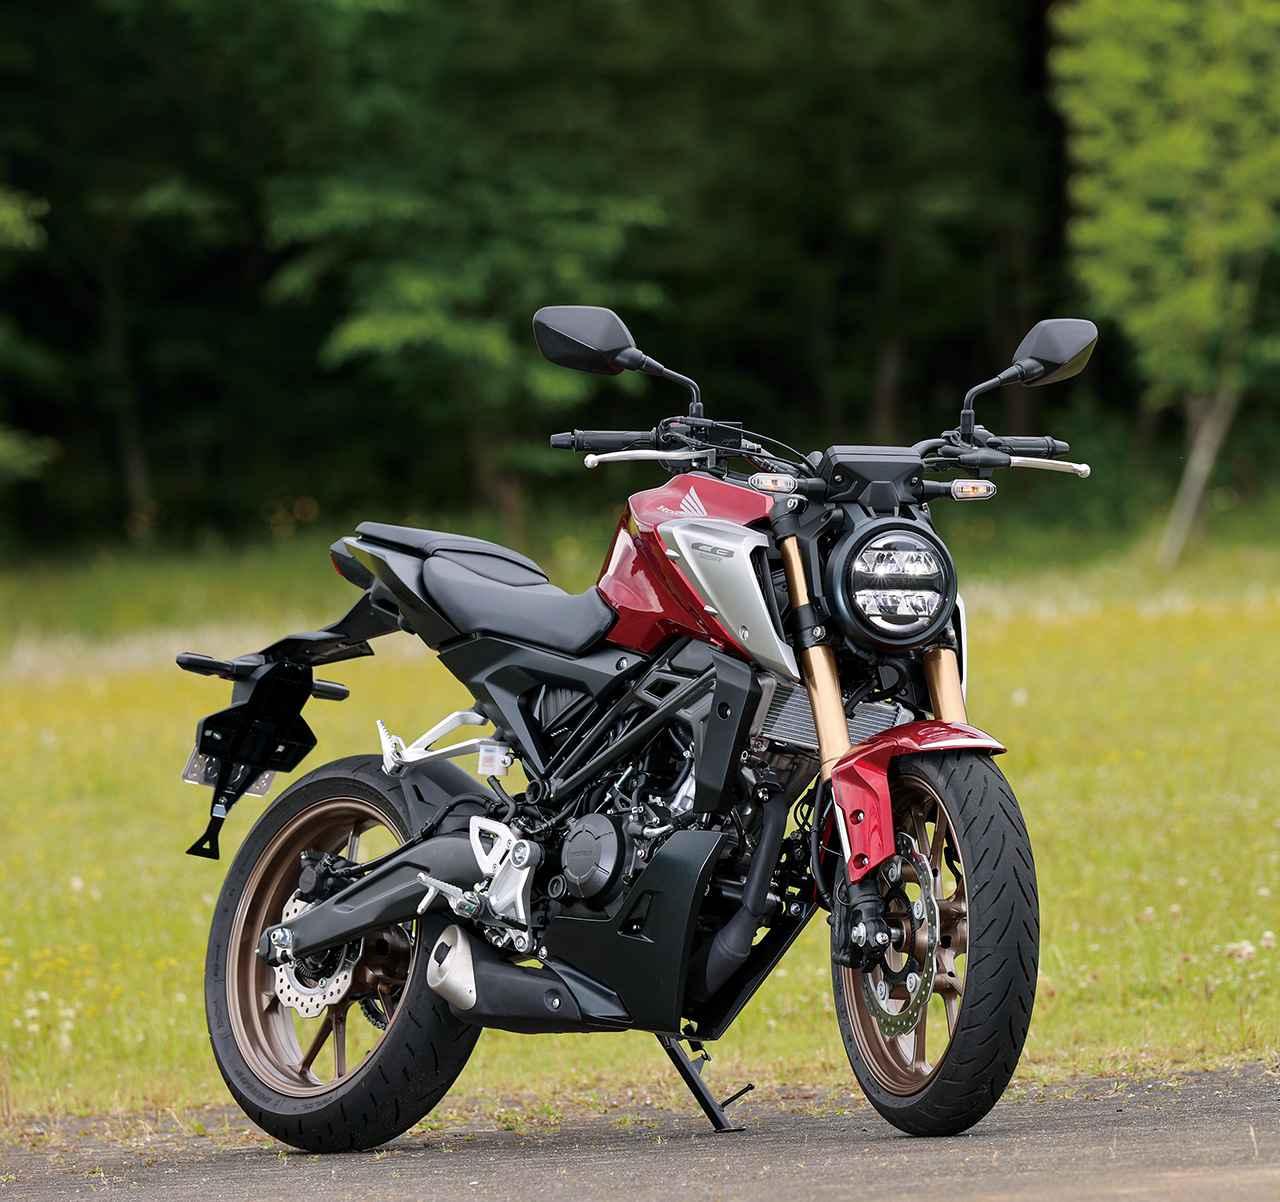 画像: Honda CB125R 2021年モデル 総排気量:124cc エンジン形式:水冷4ストDOHC4バルブ単気筒 シート高:815mm 車両重量:130kg 発売日:2021年4月22日 税込価格:47万3000円